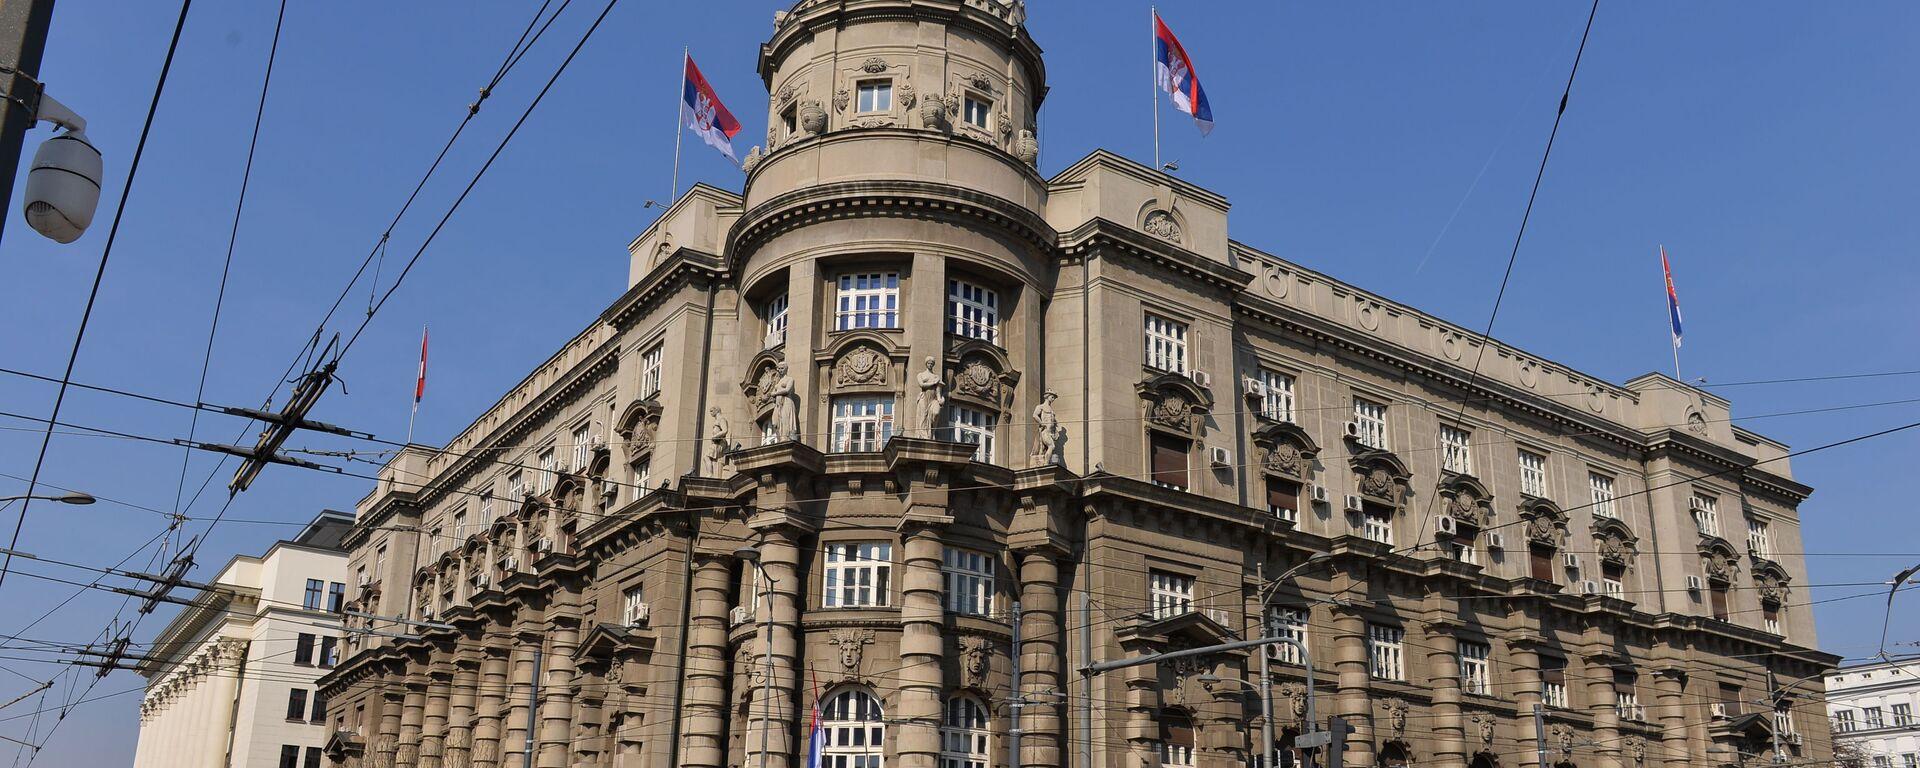 Влада Србије - Sputnik Србија, 1920, 21.09.2021